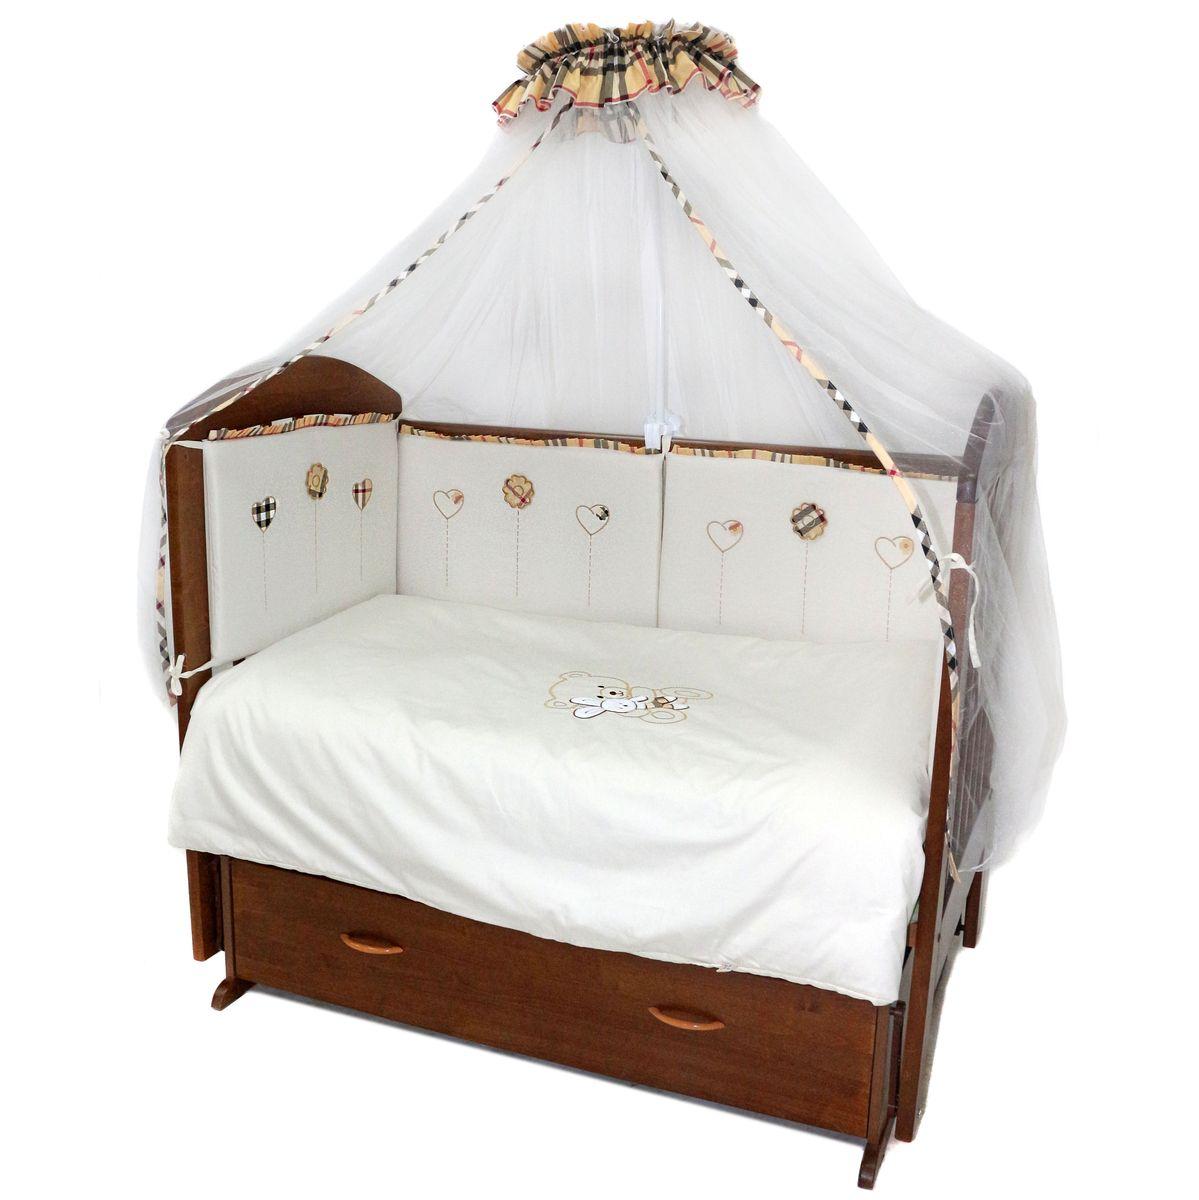 Топотушки Комплект детского постельного белья Эклер цвет белый 7 предметов комплекты детской одежды клякса комплект 5 предметов 53 5228